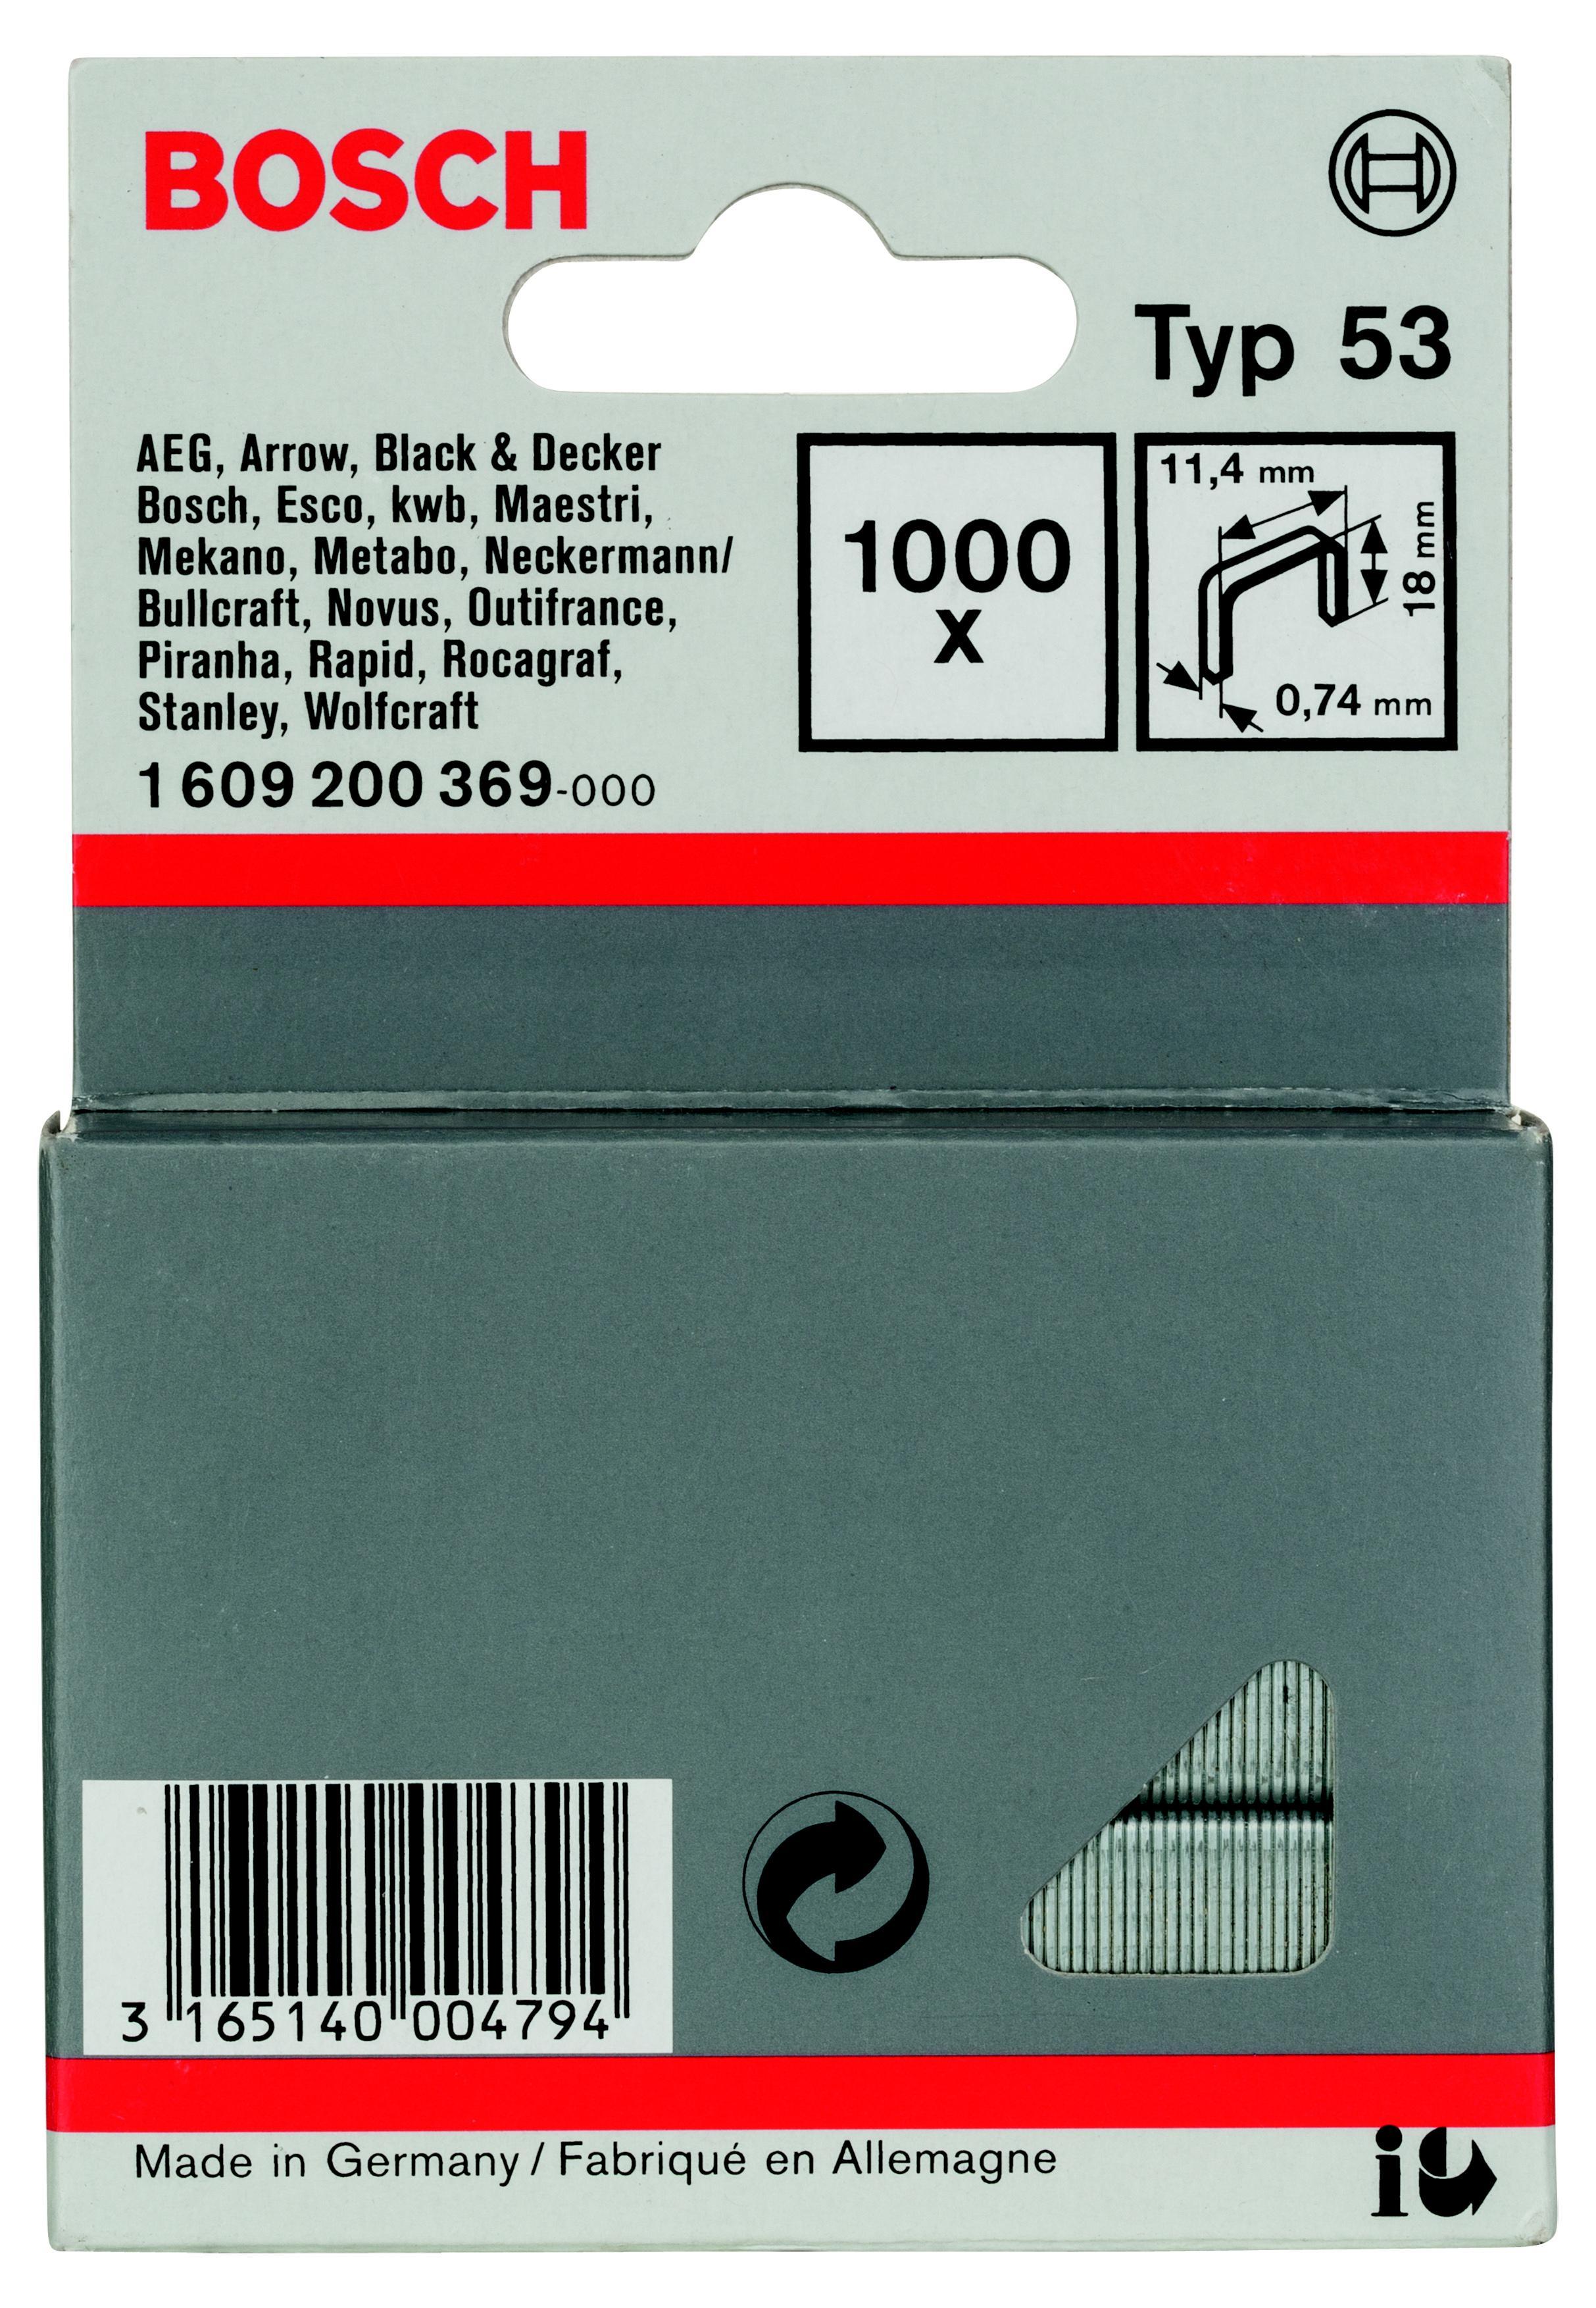 Скобы для степлера Bosch 1609200369 18 мм, тип 53, 1000 шт. скобы bosch для строительного степлера тип t53 6 мм 1000 шт